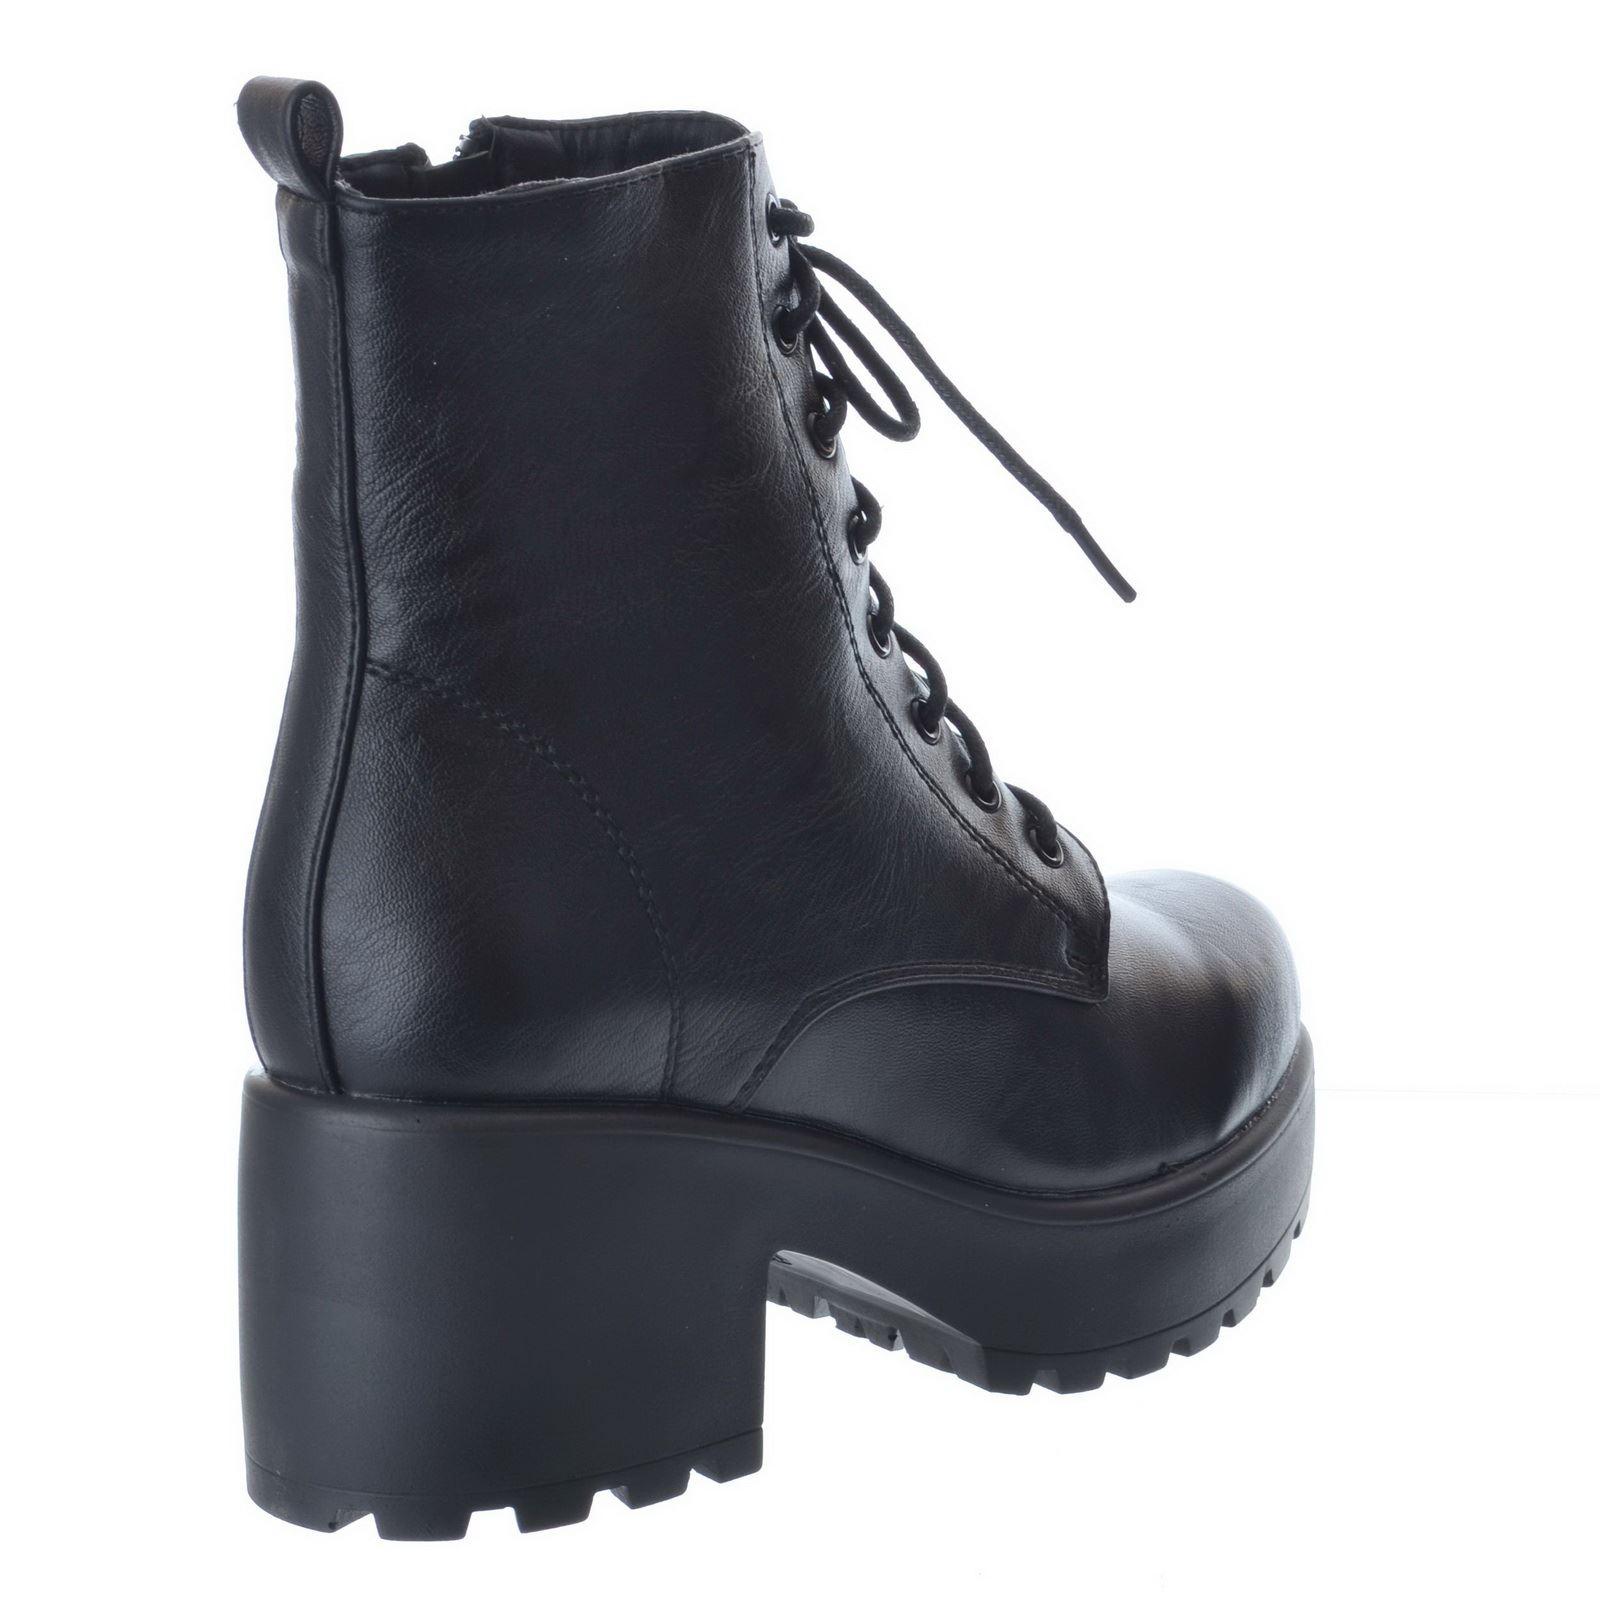 Cuir Lace Zip Faux De Bottines Biker Femmes Noir Combat Armée Plateforme Chaussures Femmes Up Pour 6BHxTwq